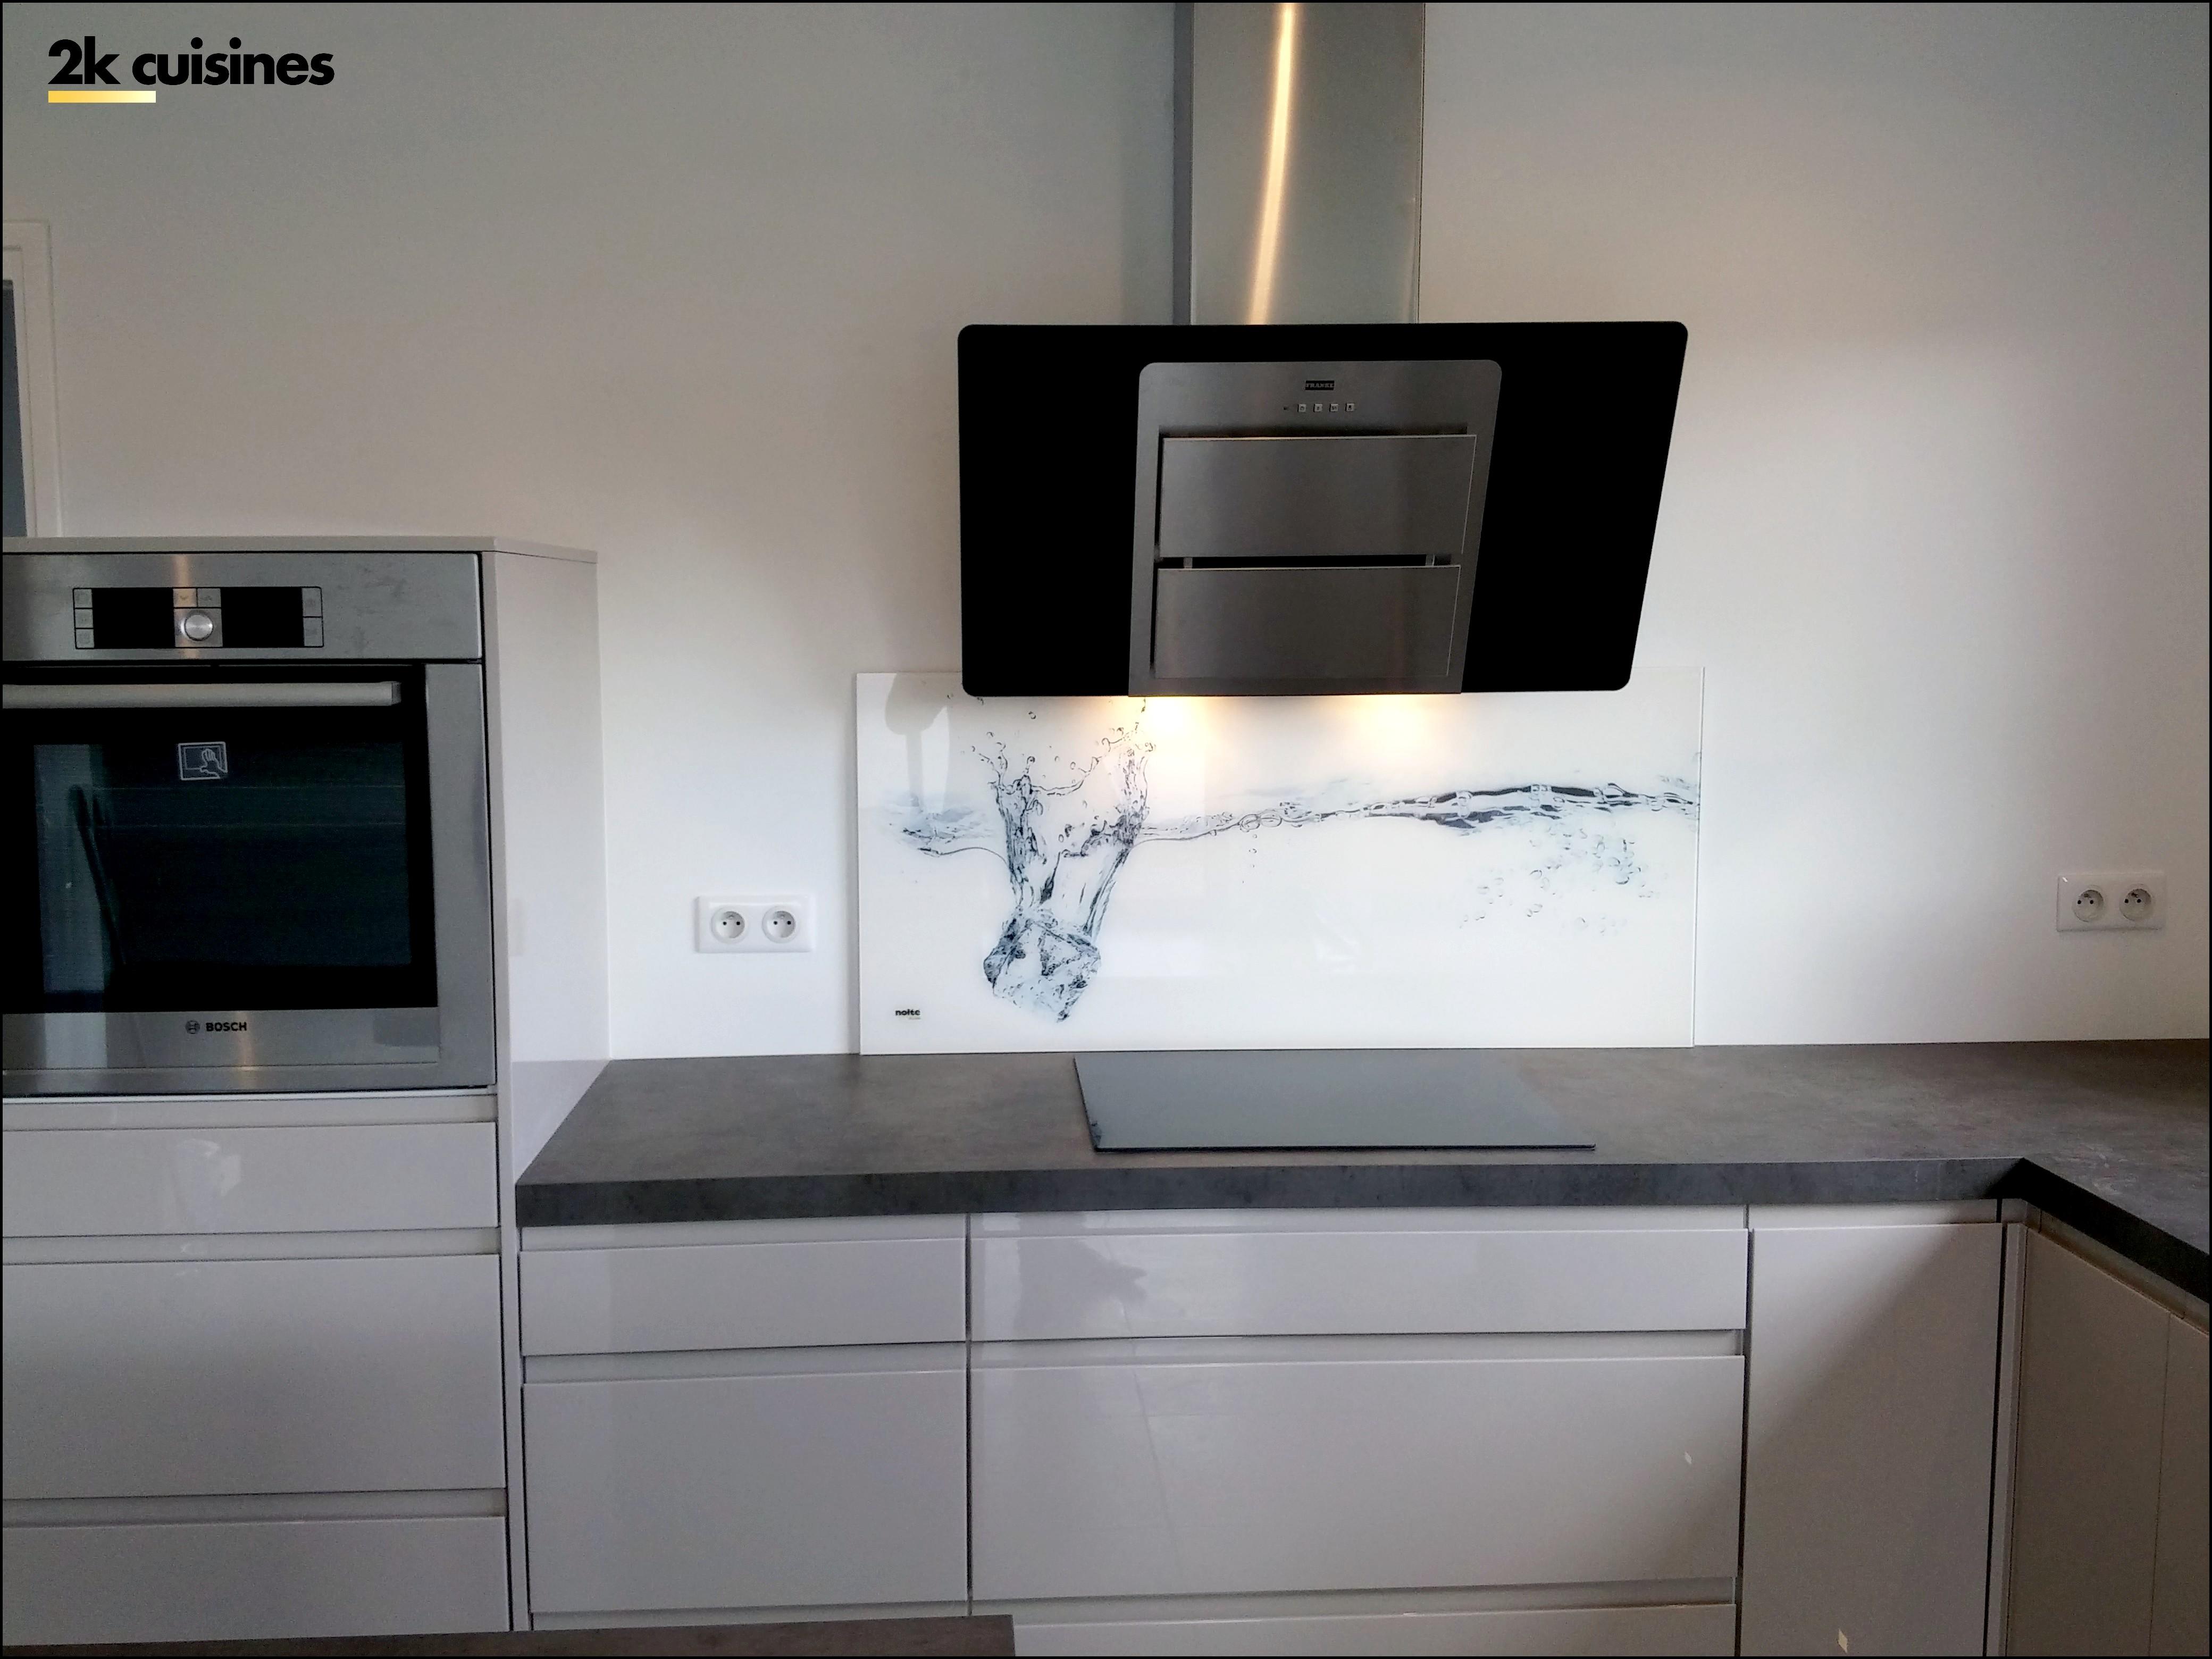 cr dence cuisine verre 2k cuisines. Black Bedroom Furniture Sets. Home Design Ideas